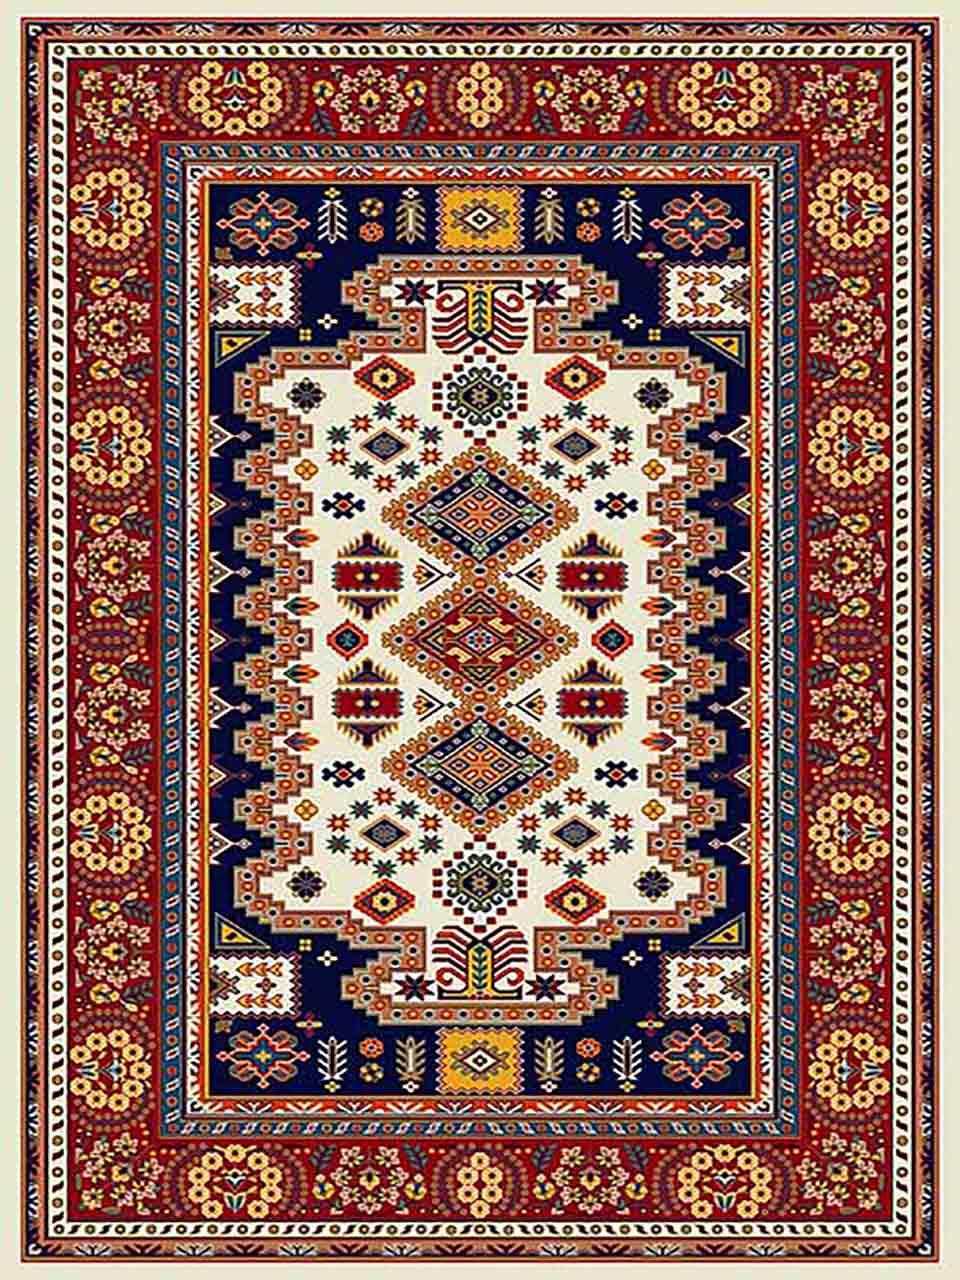 فرش (255) پلی پروپیلن - 8 رنگ - 320 شانه - کرم - تراکم 960